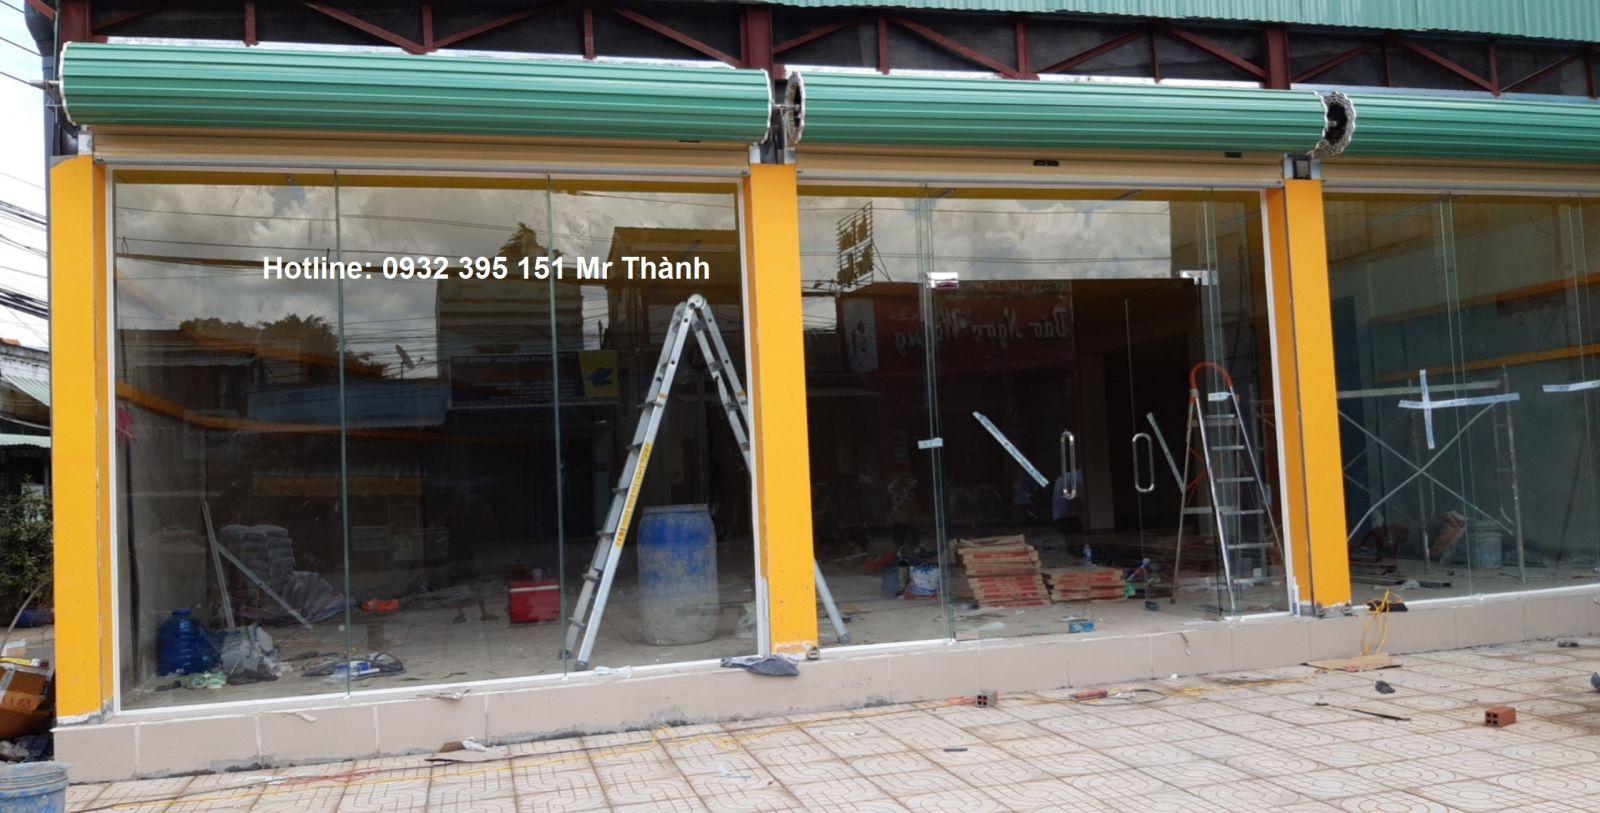 Thi công kính cường lực 12 ly tại Bách hóa xanh quận Tân Bình